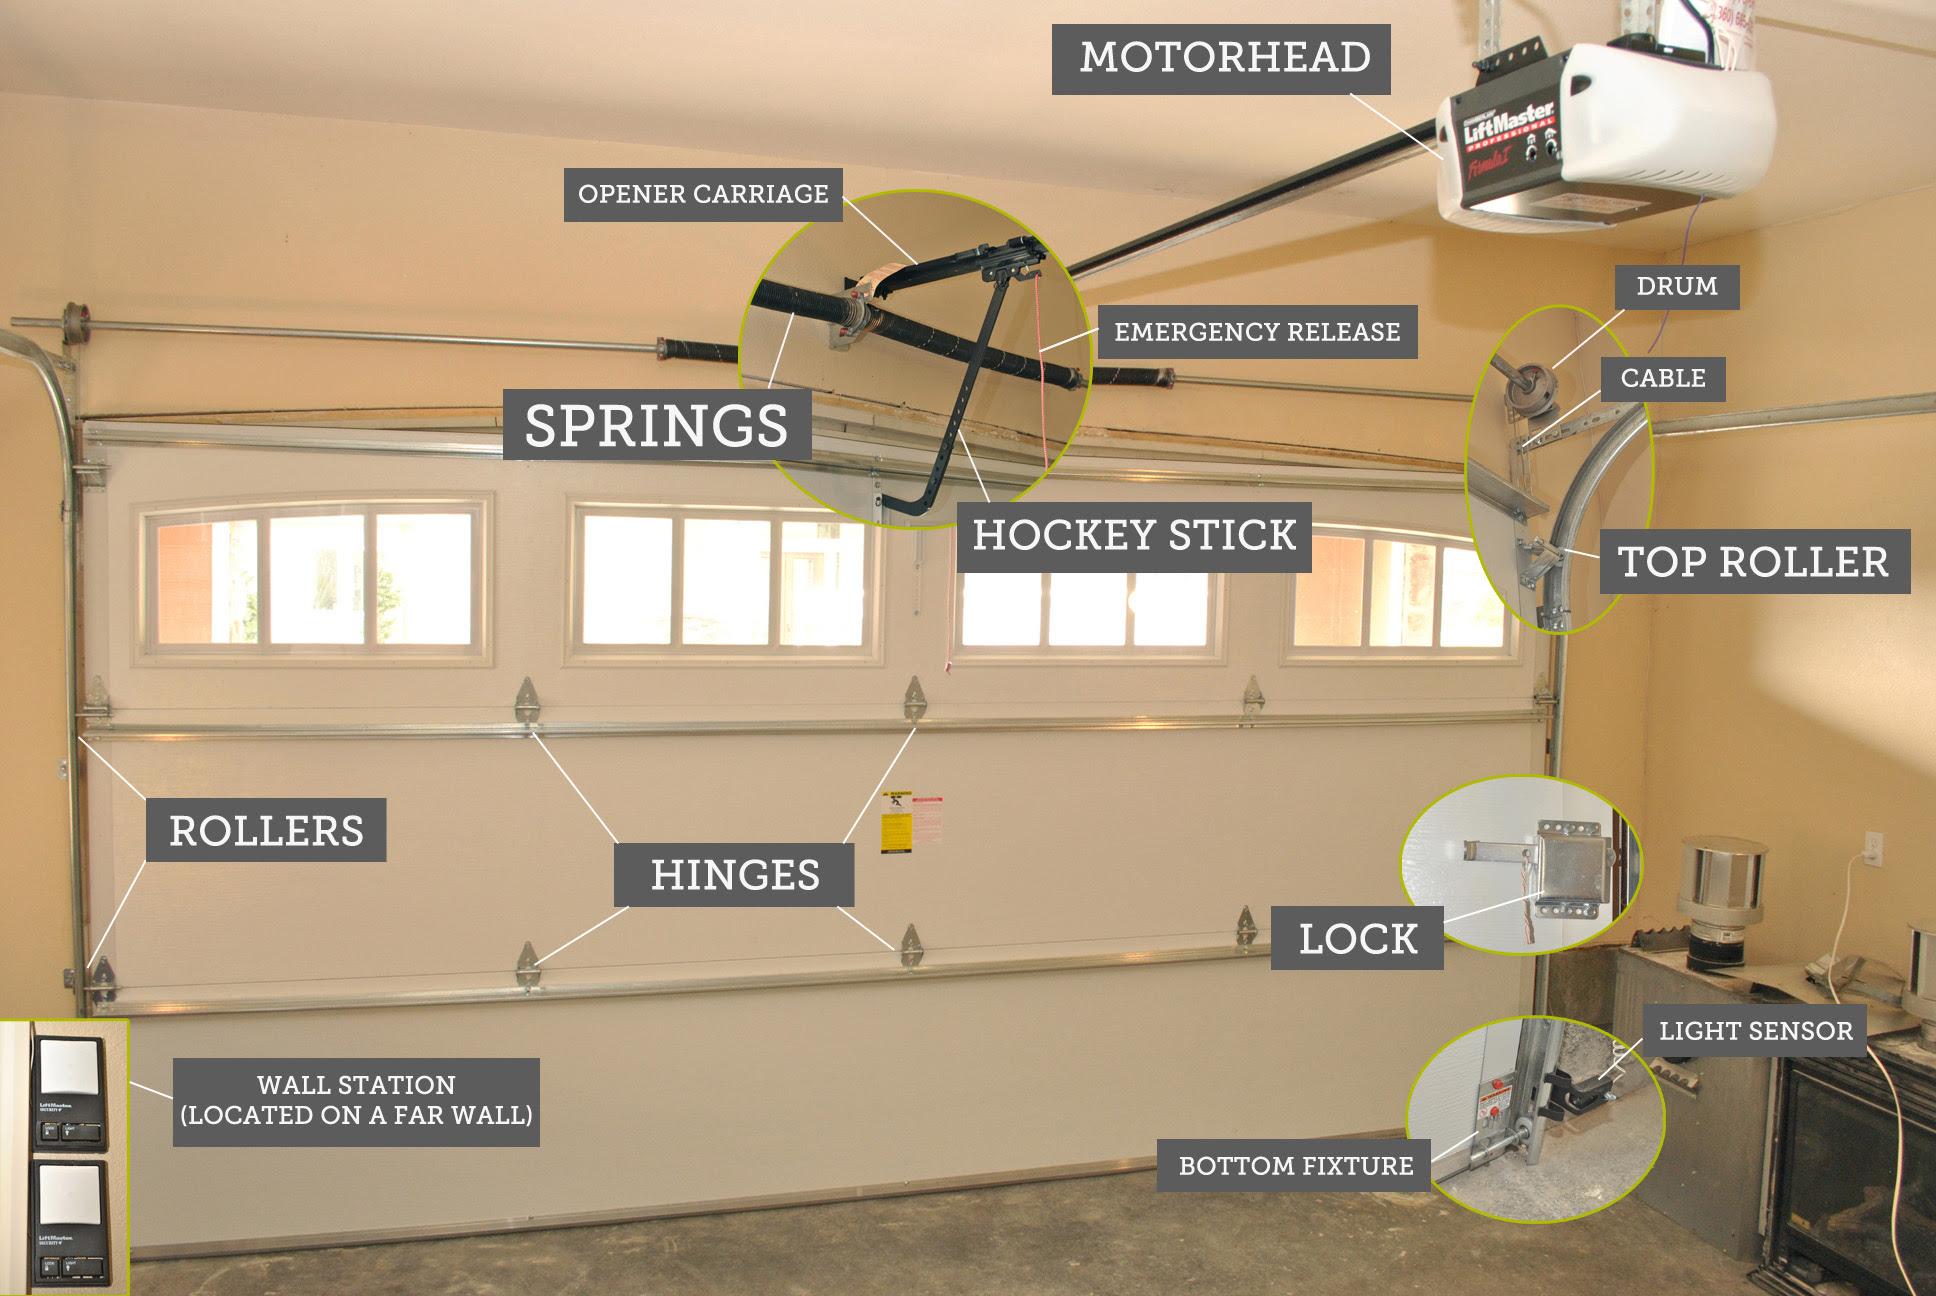 Garage Door Repairs Garage Door Opener Broken Markham Stouffville Scarborough